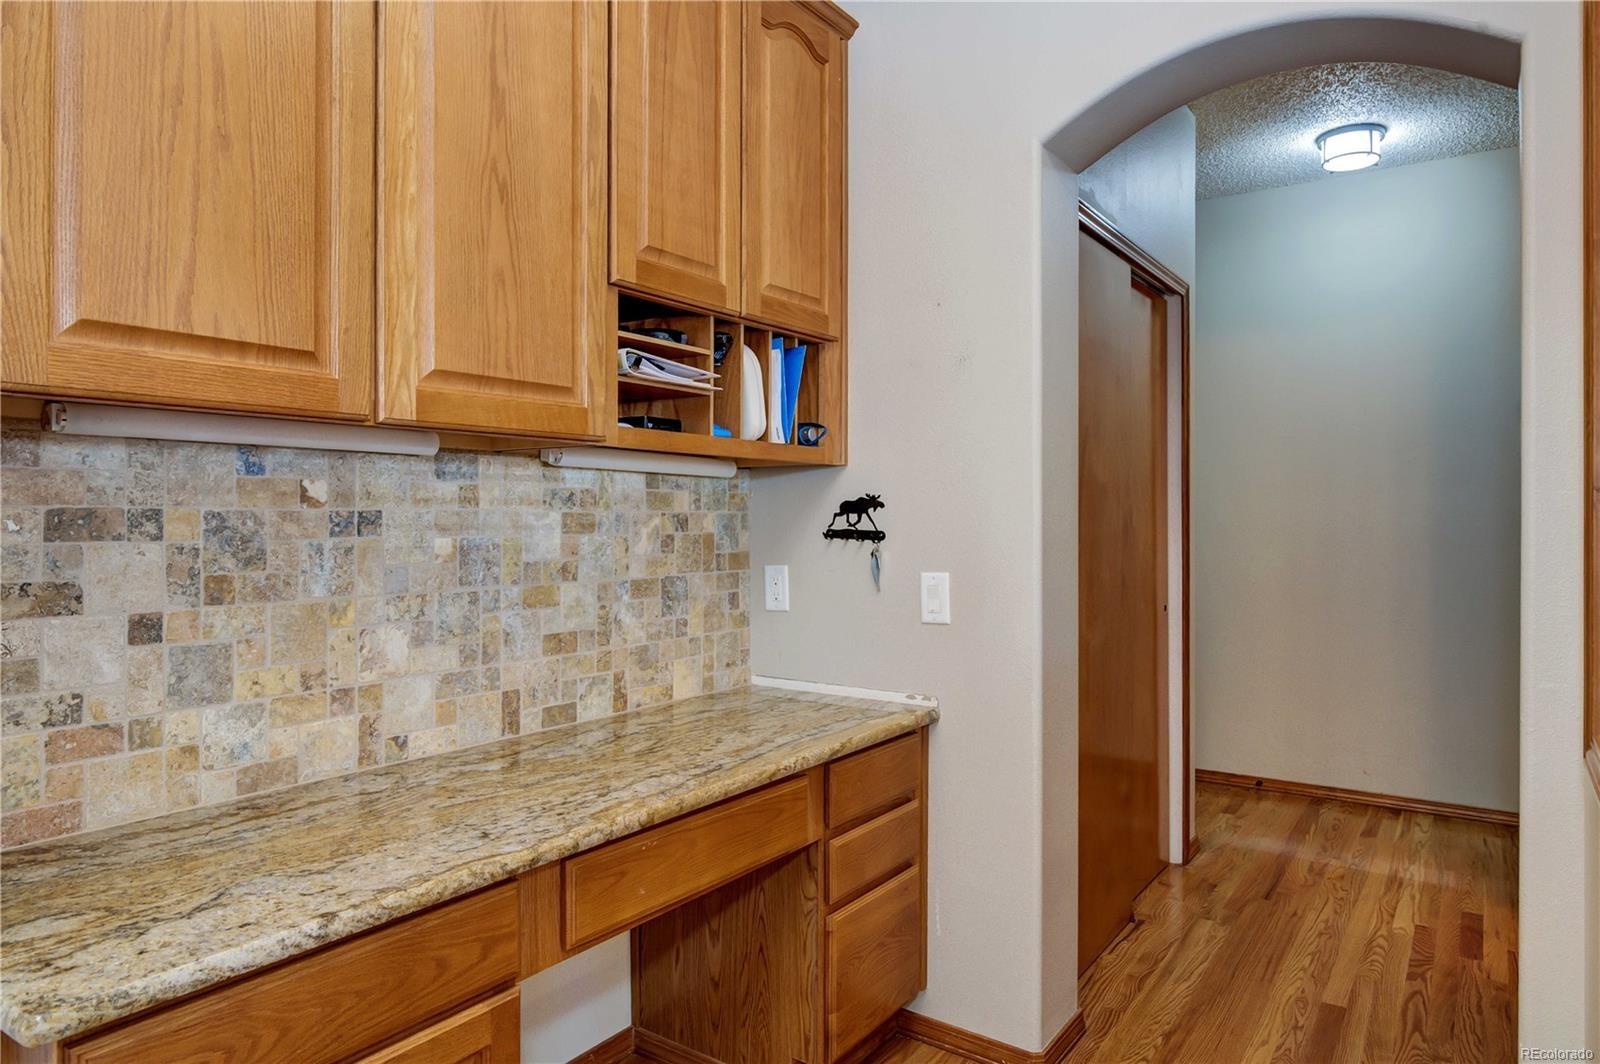 MLS# 5456451 - 10 - 15971 Woodmeadow Court, Colorado Springs, CO 80921